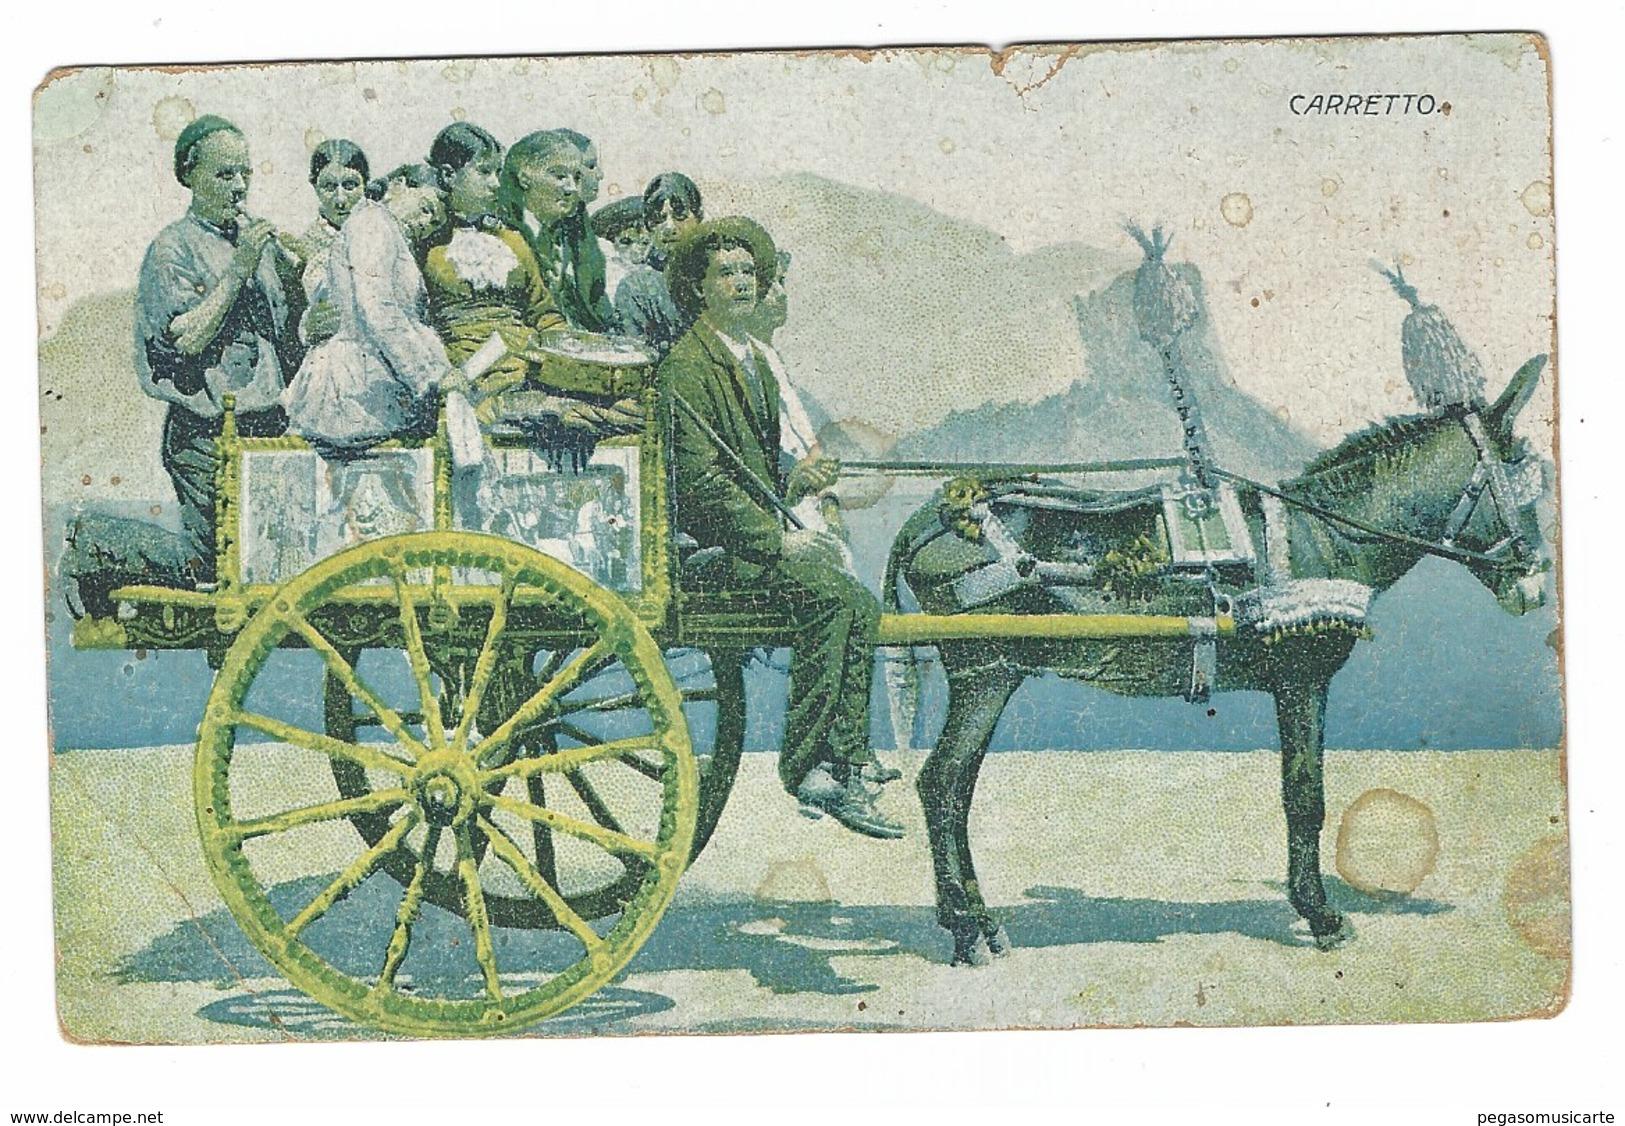 3740 - SICILIA CARRETTO SICILIANO ANIMATA 1900 CIRCA BAMBINI - Other Cities